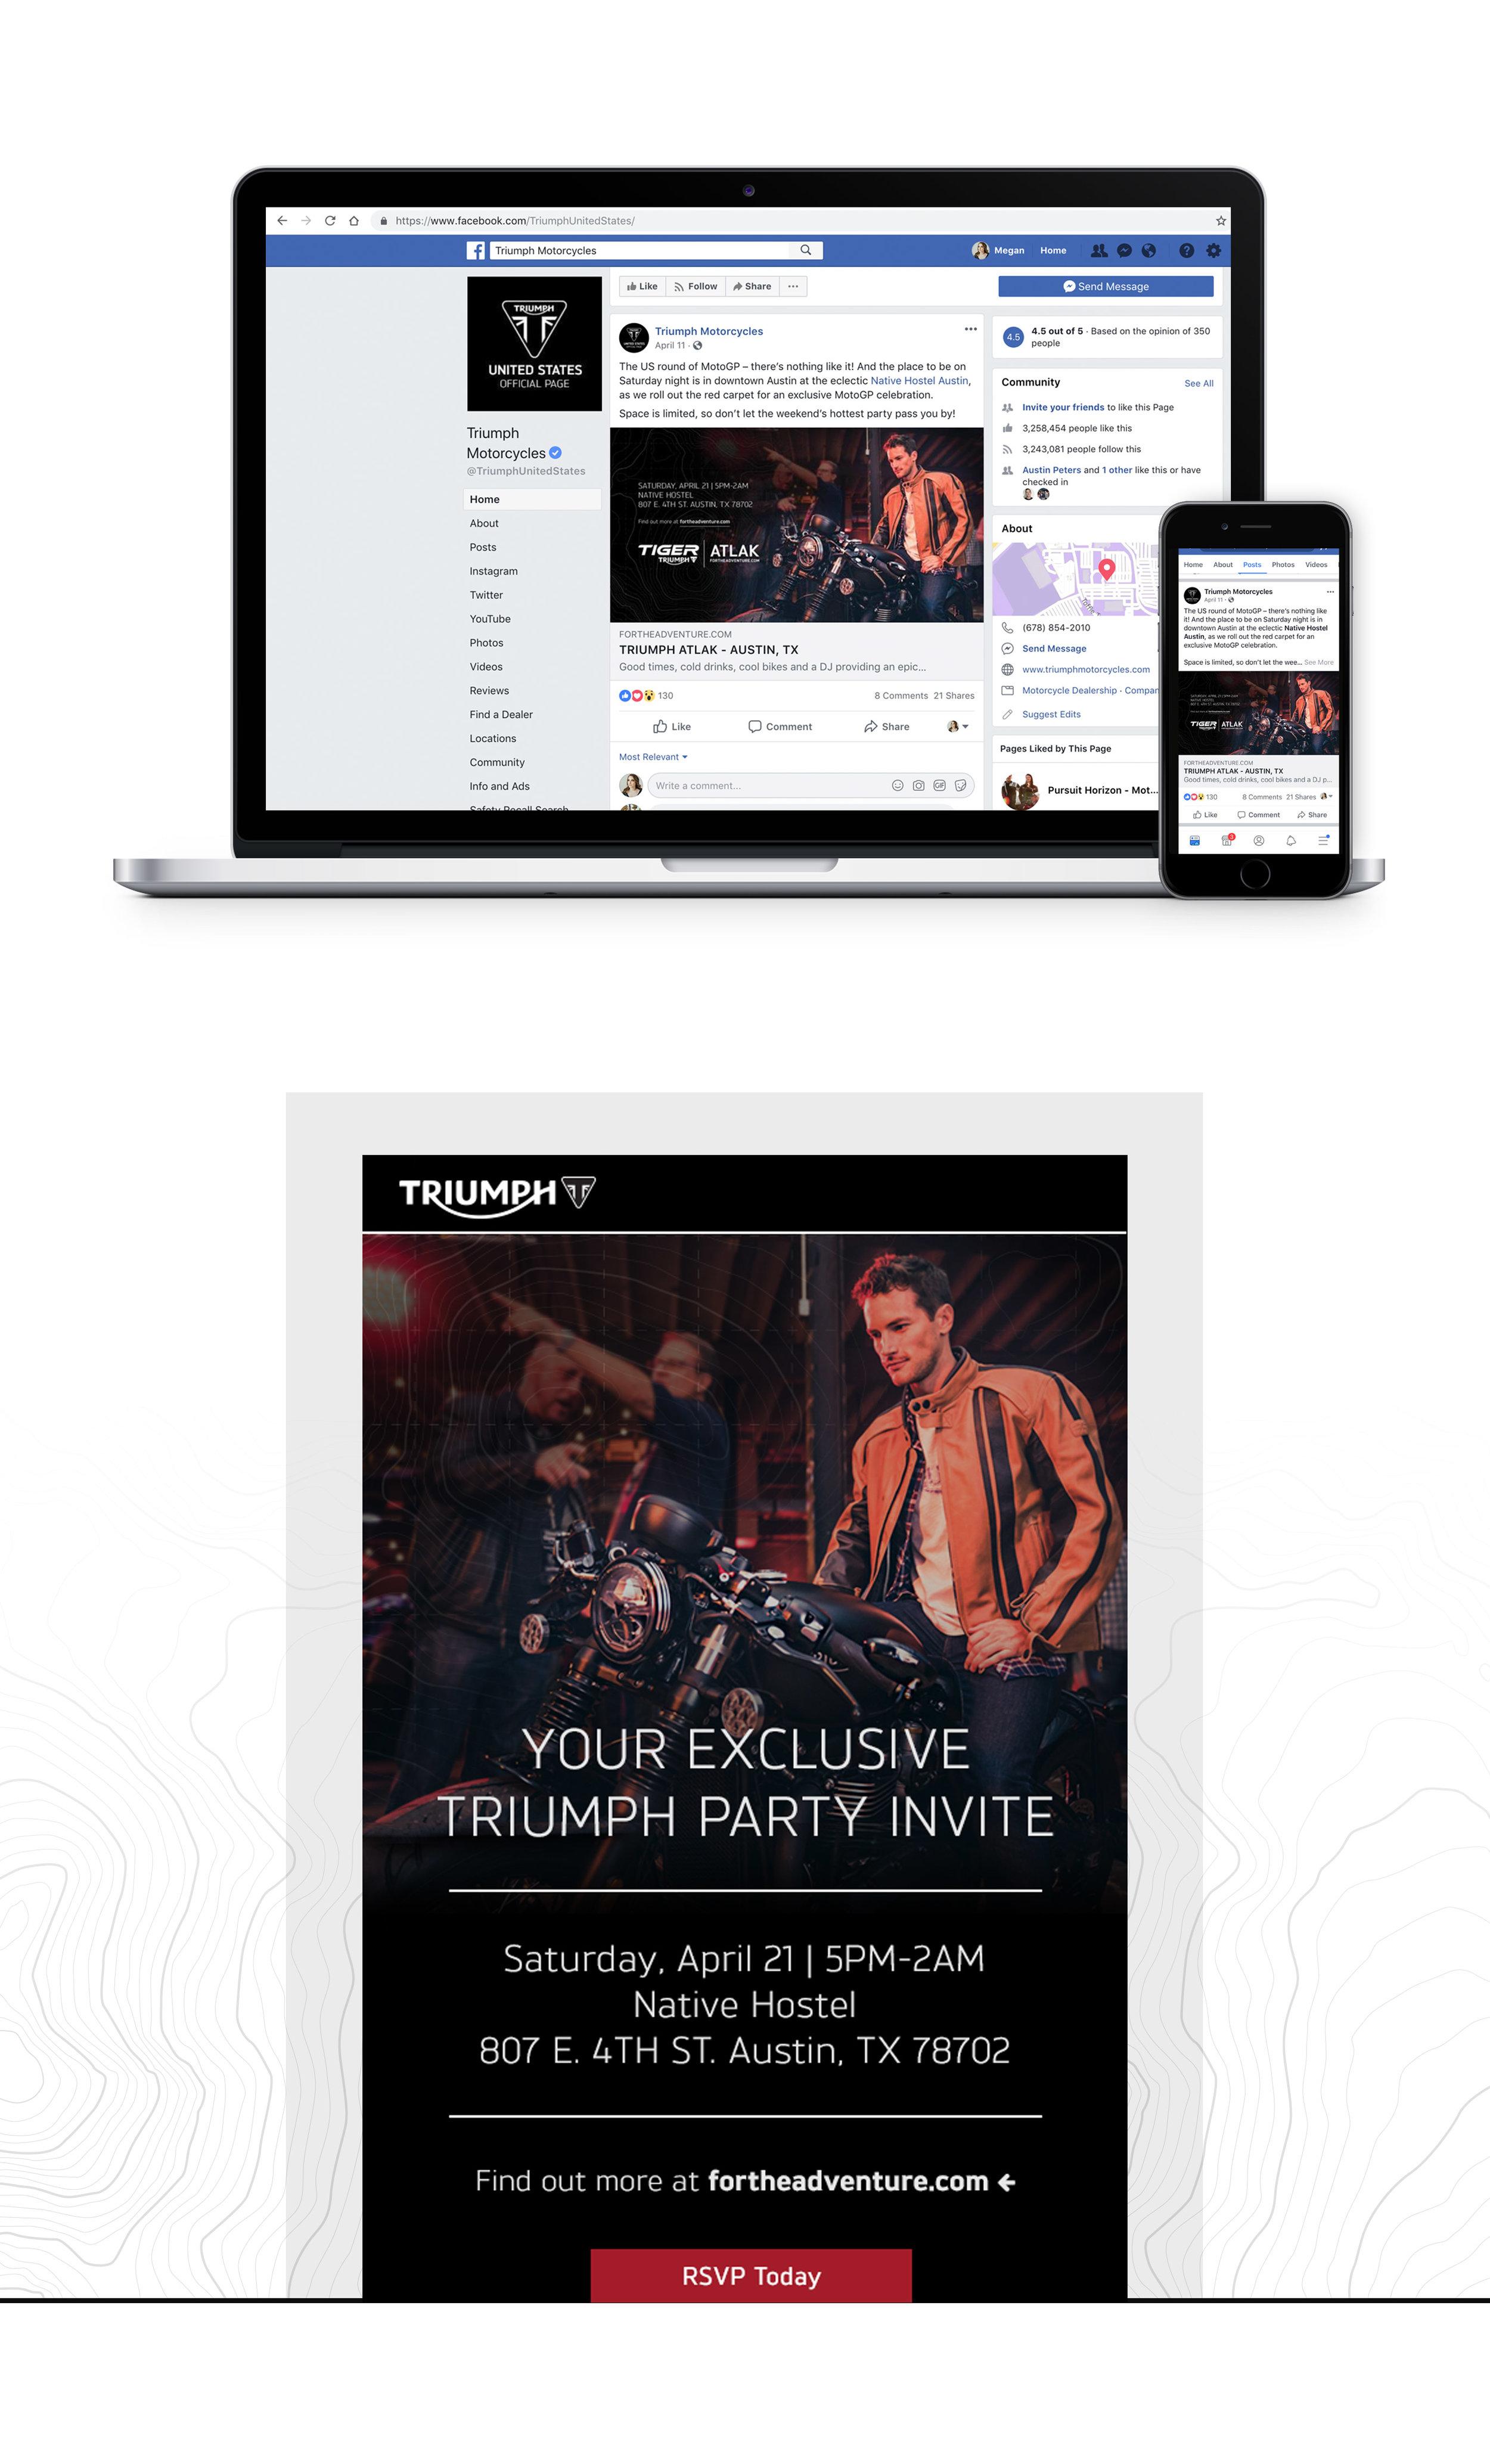 Triumph ATLAK social media-device-mockup.jpg